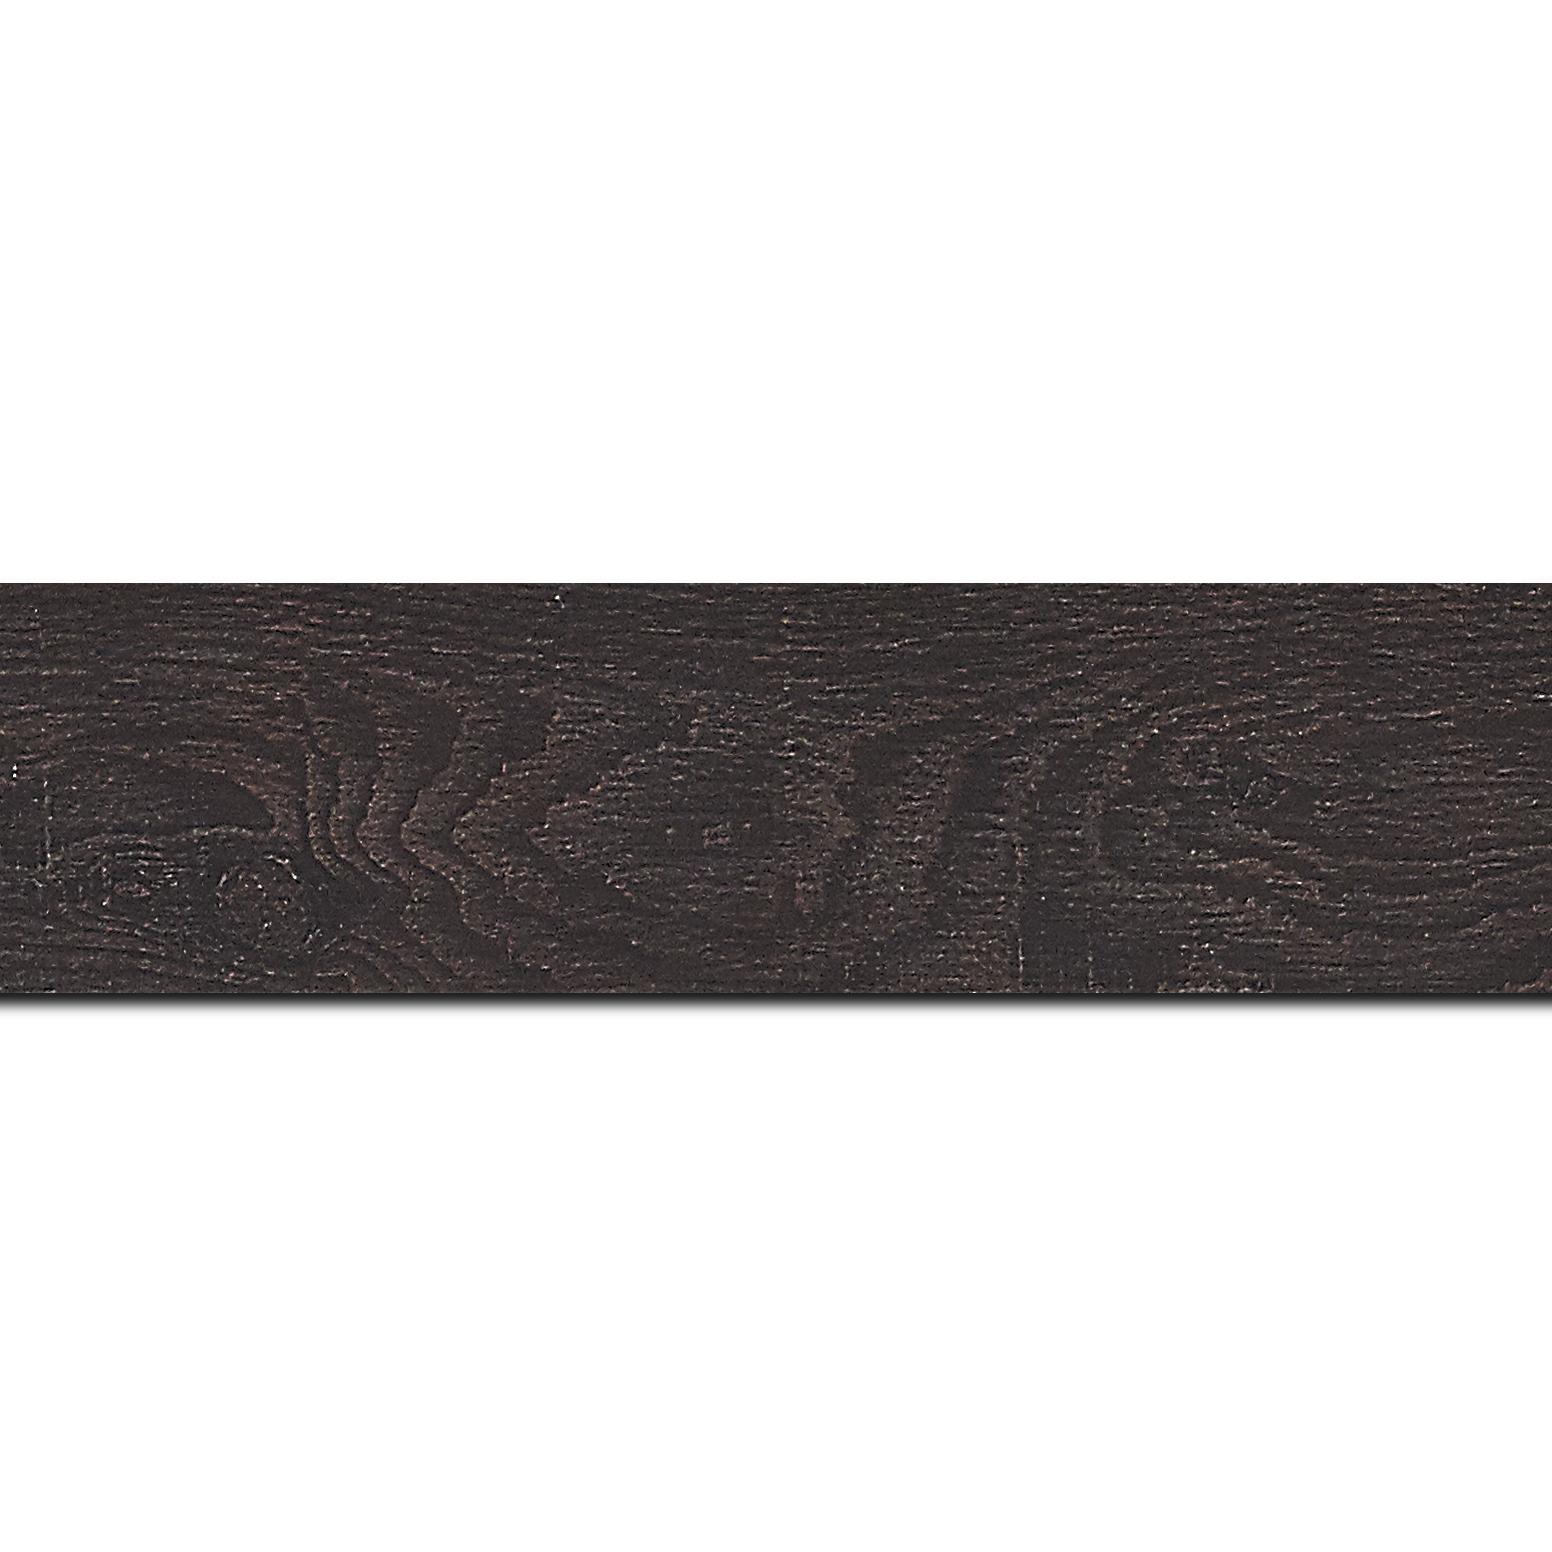 Pack par 12m, bois profil plat largeur 4.2cm décor bois wengé foncé(longueur baguette pouvant varier entre 2.40m et 3m selon arrivage des bois)